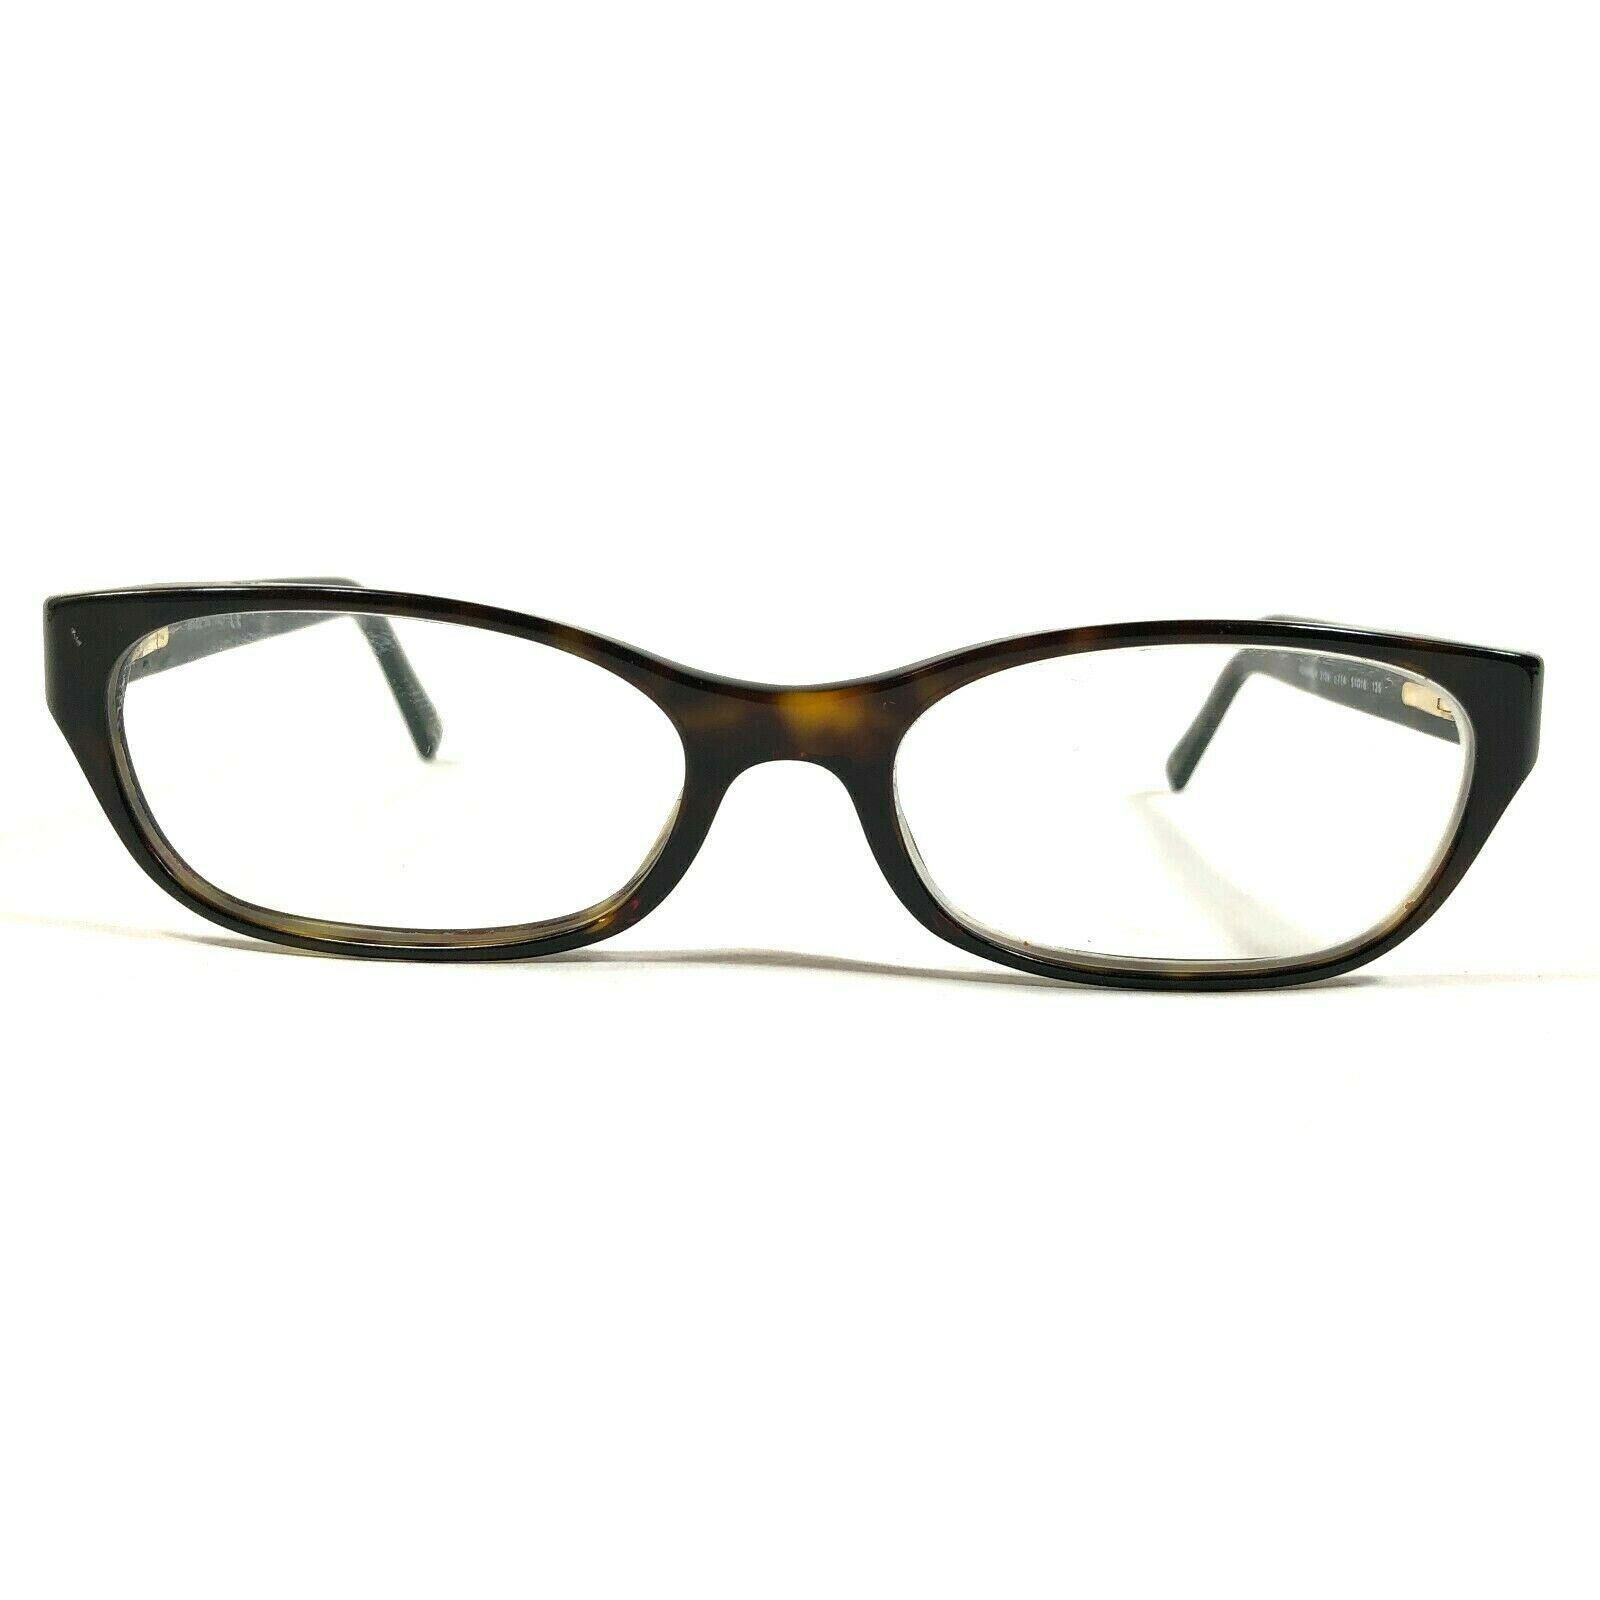 Chanel Womens Oval Brown Tortoise Chain Logo Eyeglasses Frames 3139 c.714 135 - $140.25